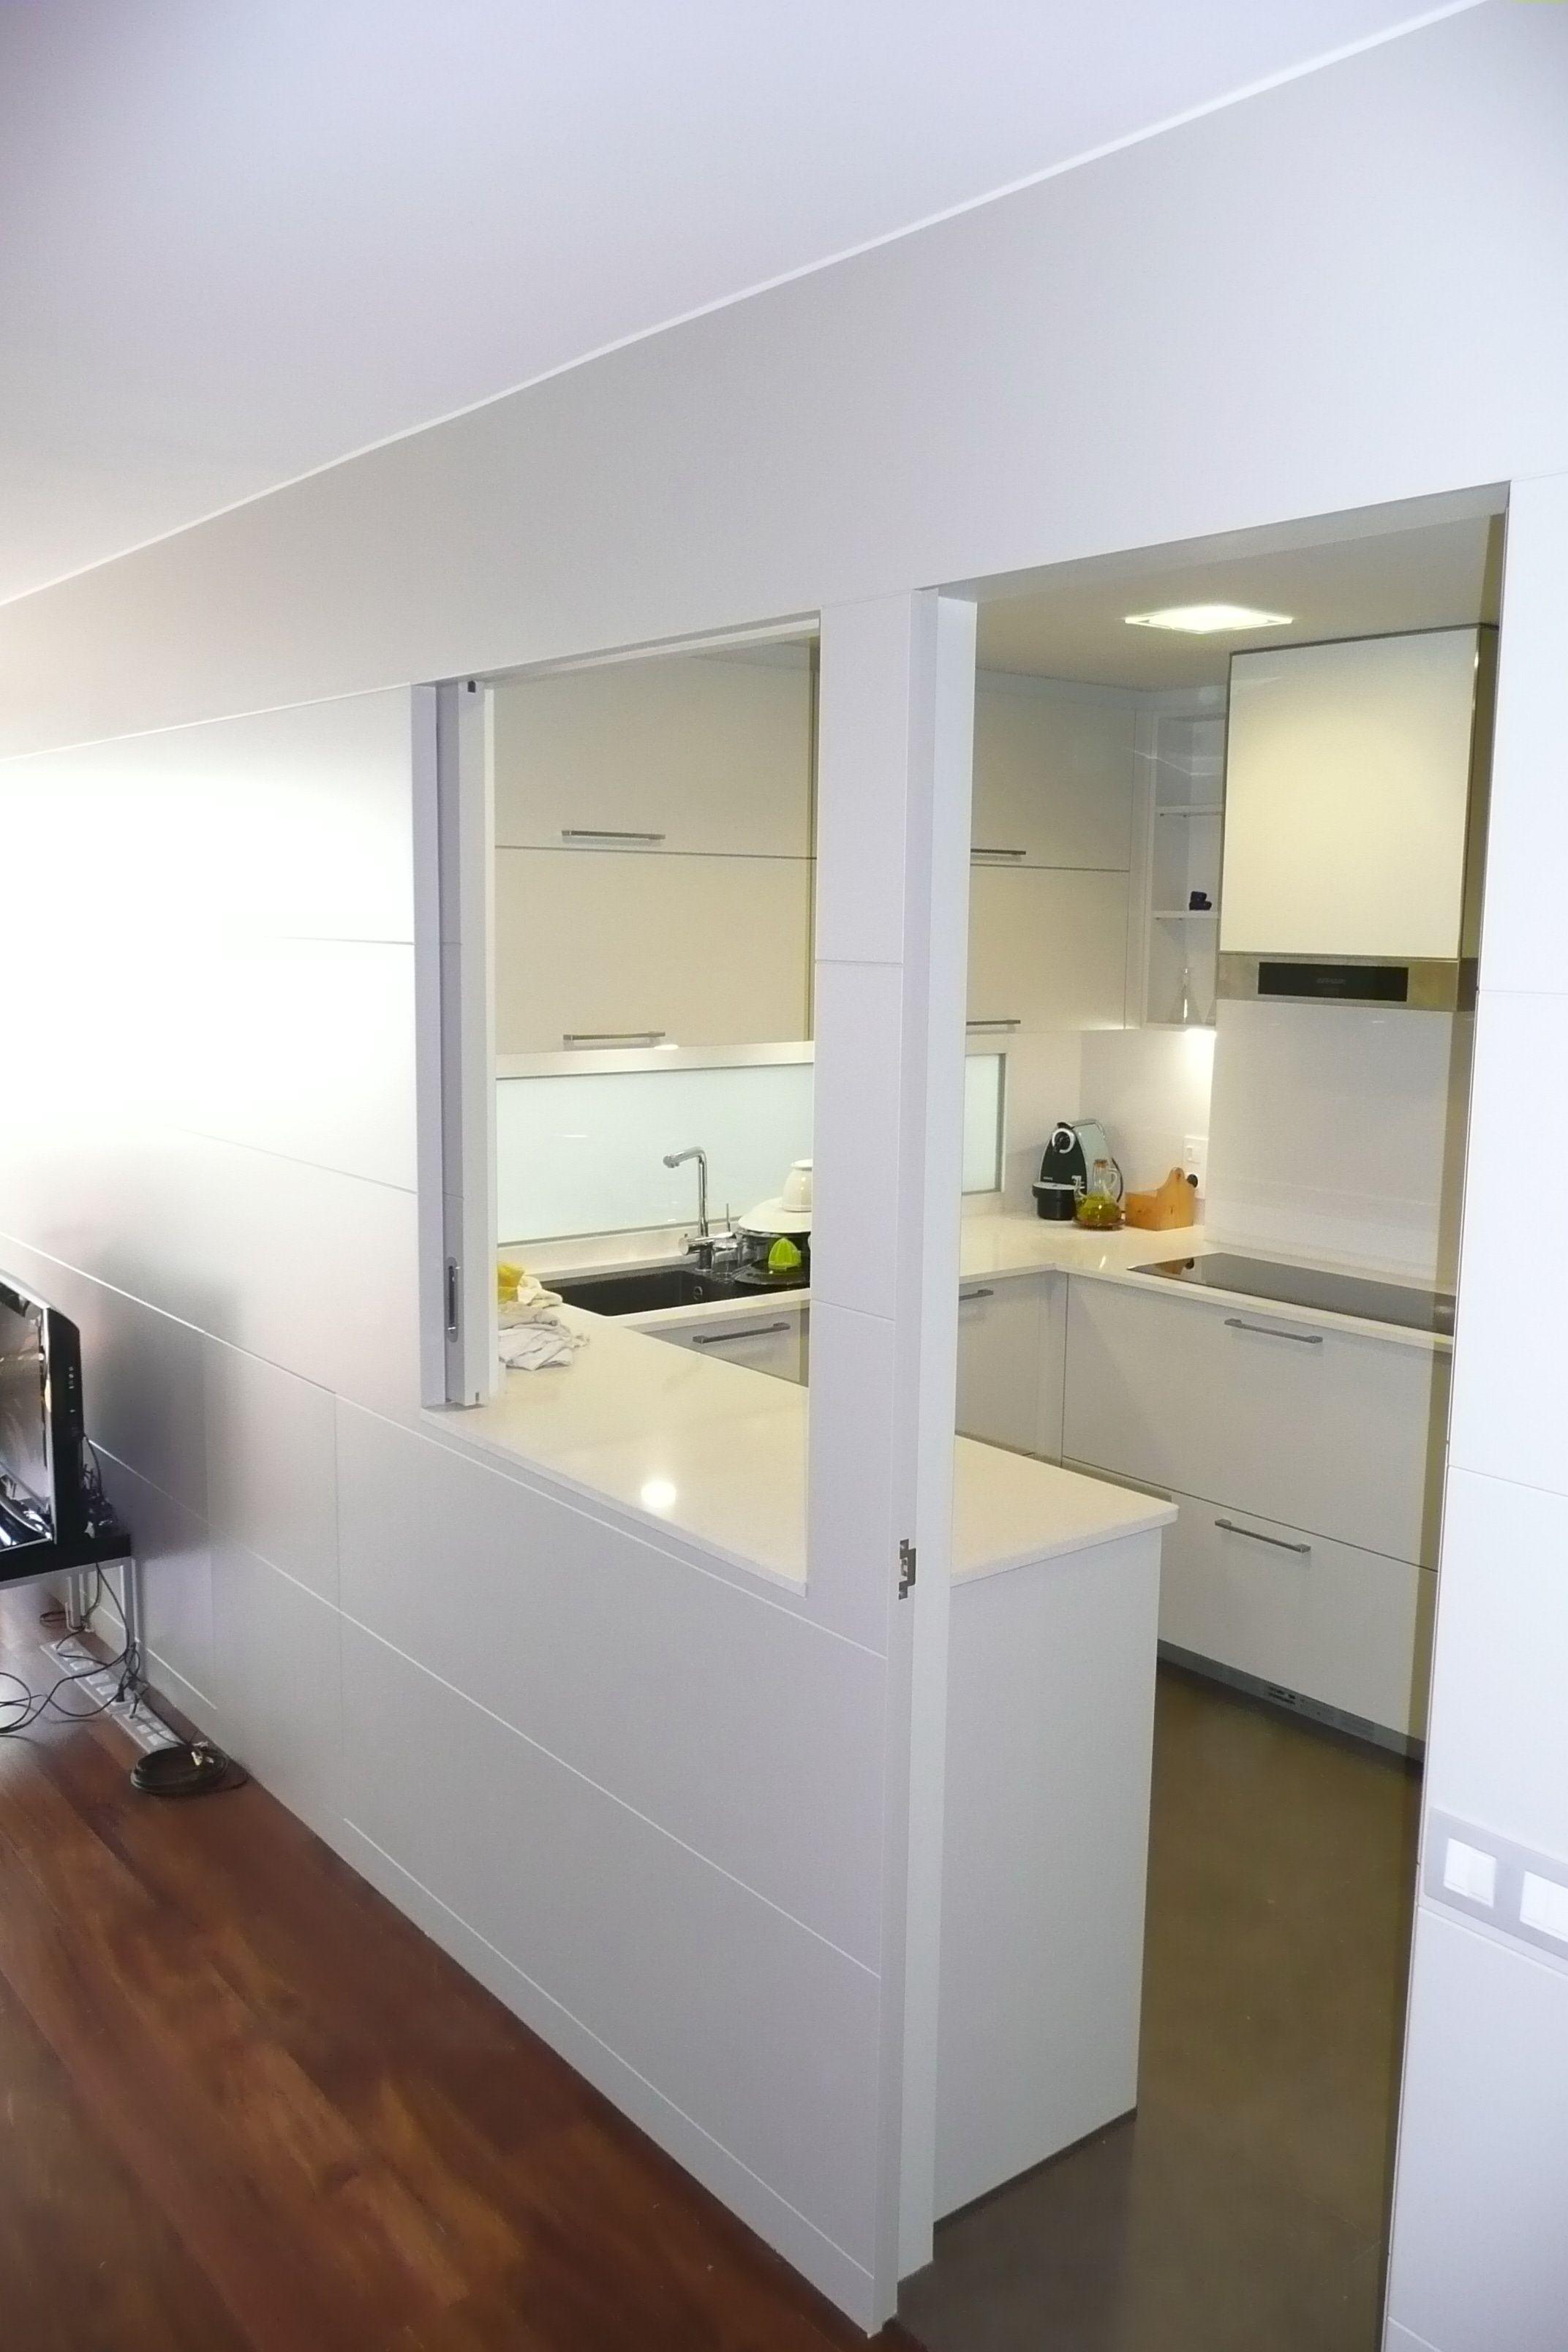 Cocina santos modelo ariane2 blanco seff con apertura for Modelos de cocinas pequenas y bonitas